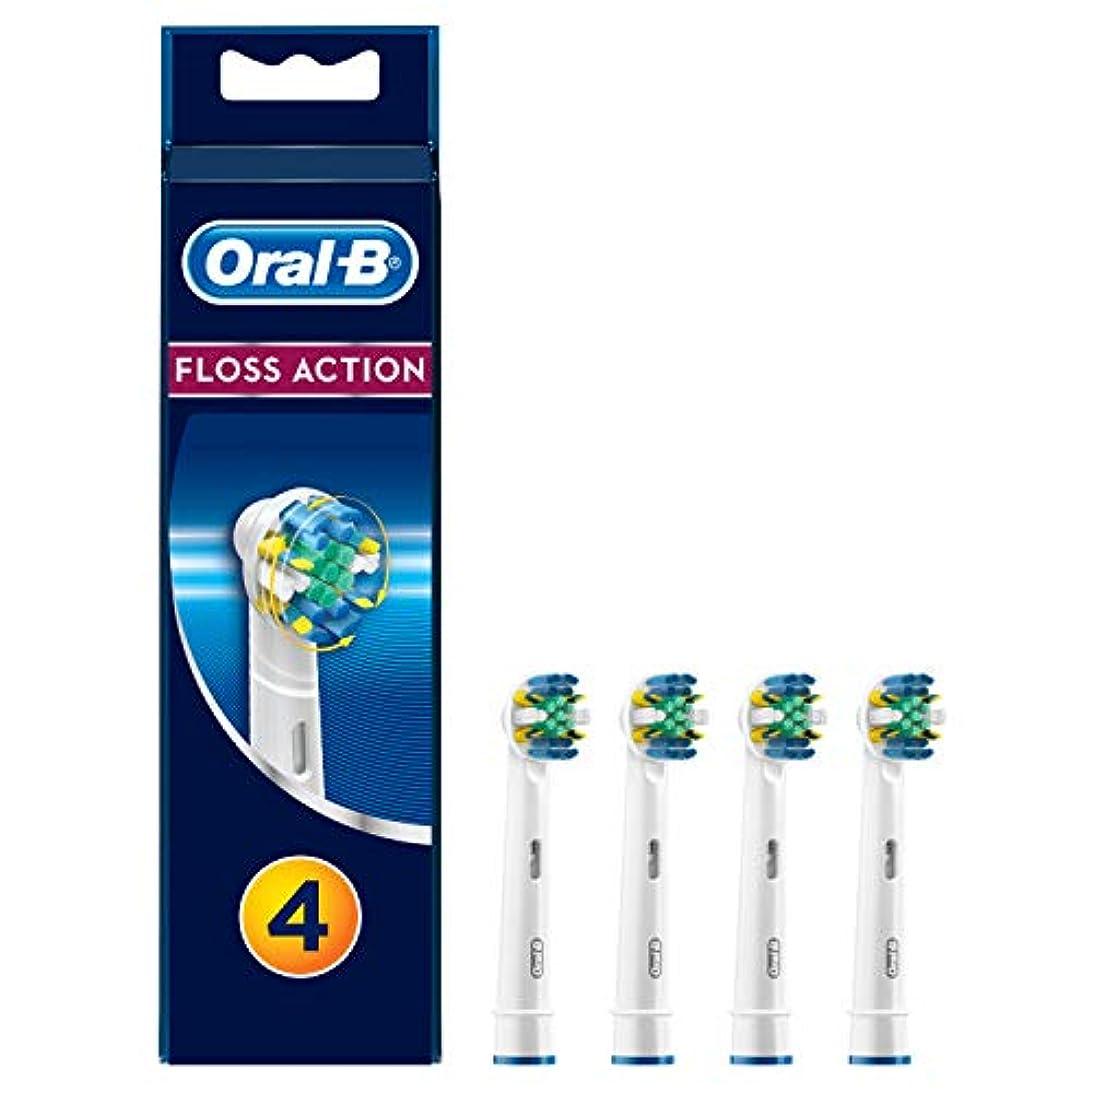 うまくやる()スカープ混雑ブラウン Oral-B 歯間ワイパー付きブラシ 替ブラシ4本入 EB25-4 並行品扱い